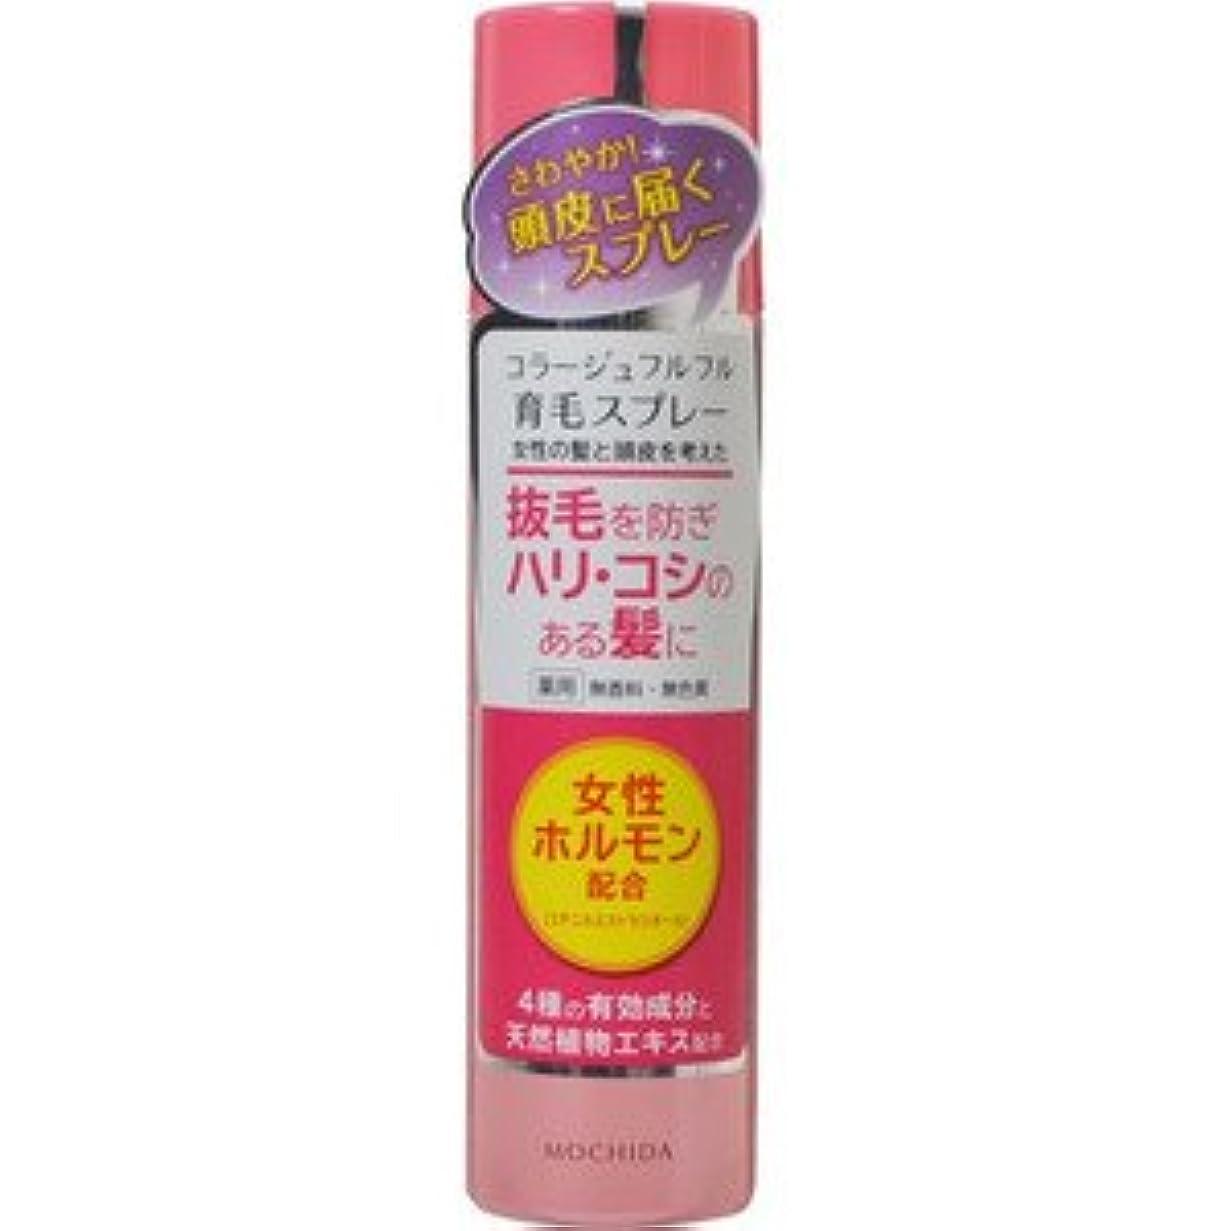 縮約無効にする雑多な(持田ヘルスケア)コラージュフルフル 育毛スプレー 150g(医薬部外品)